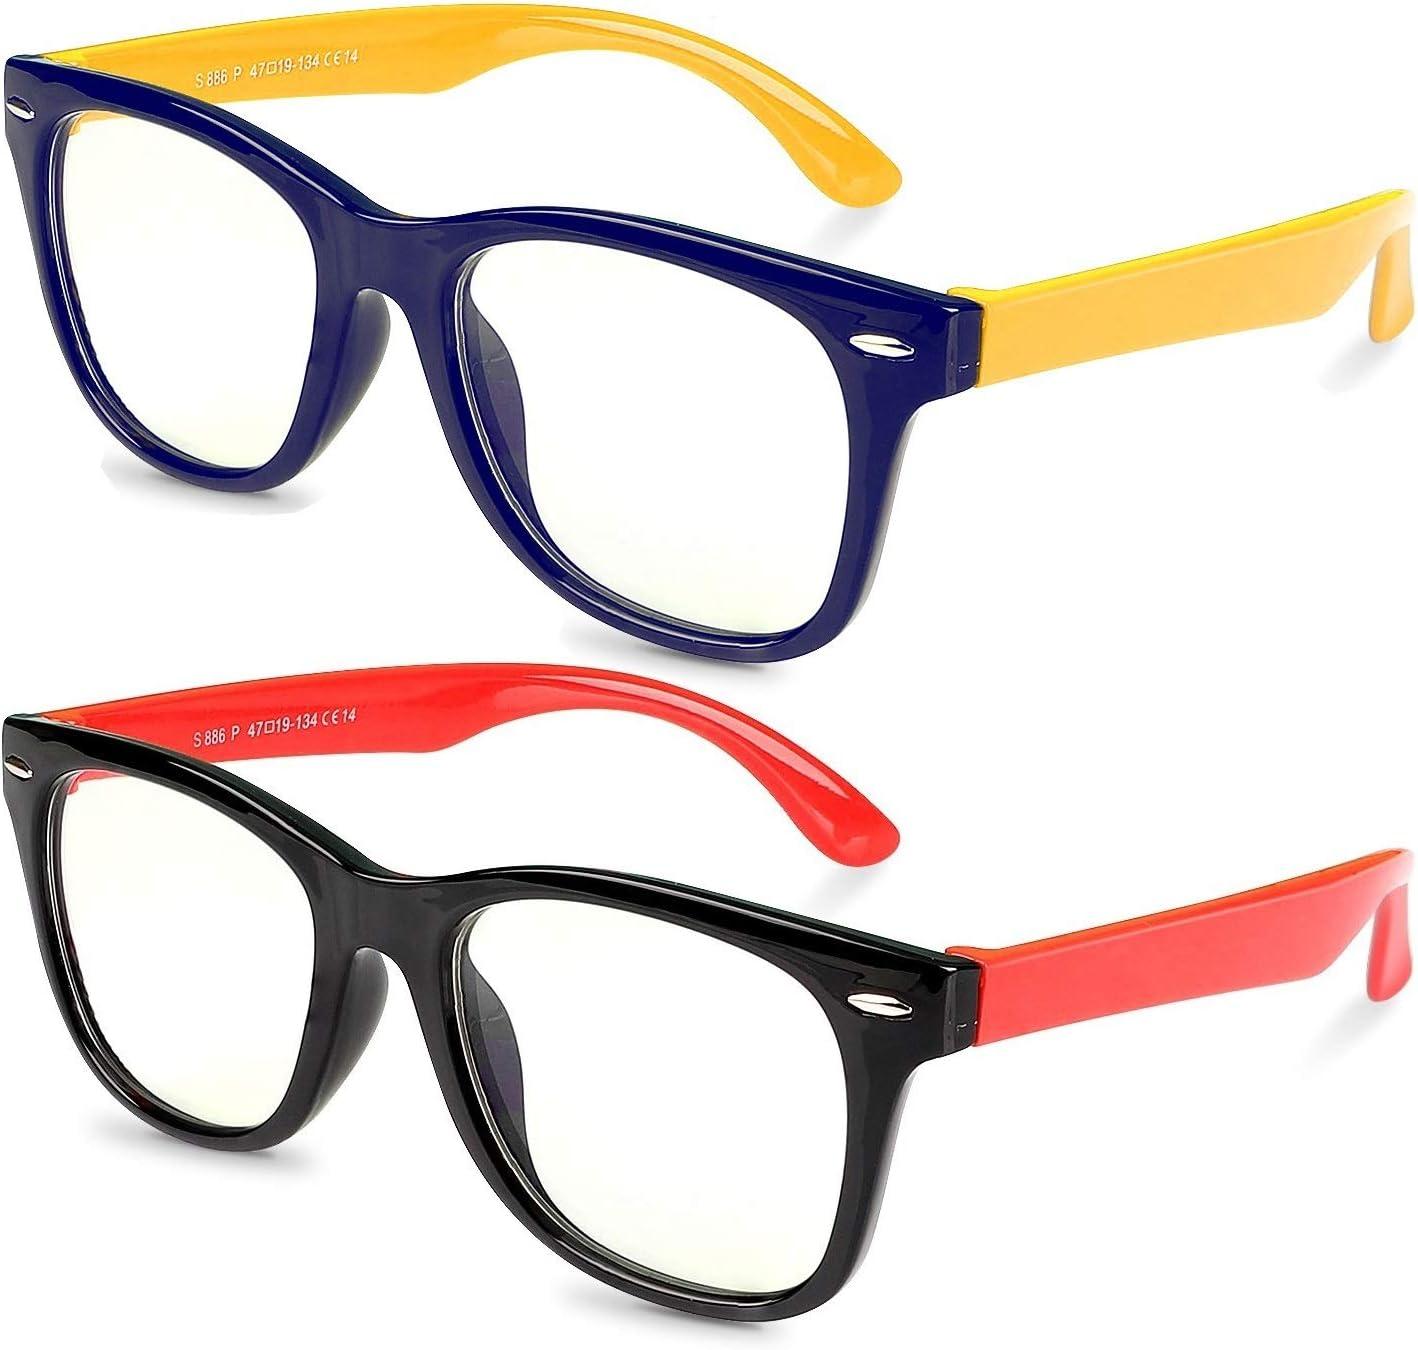 Gafas de Luz Anti-azul para Niños, Proteja Los Ojos de Los y Bloquee la Dañina Luz Azul Emitida por Luces Fluorescentes, LED, Televisores LCD, Pantallas Electrónicas, Proyectores y Cámaras,Edad 3-12